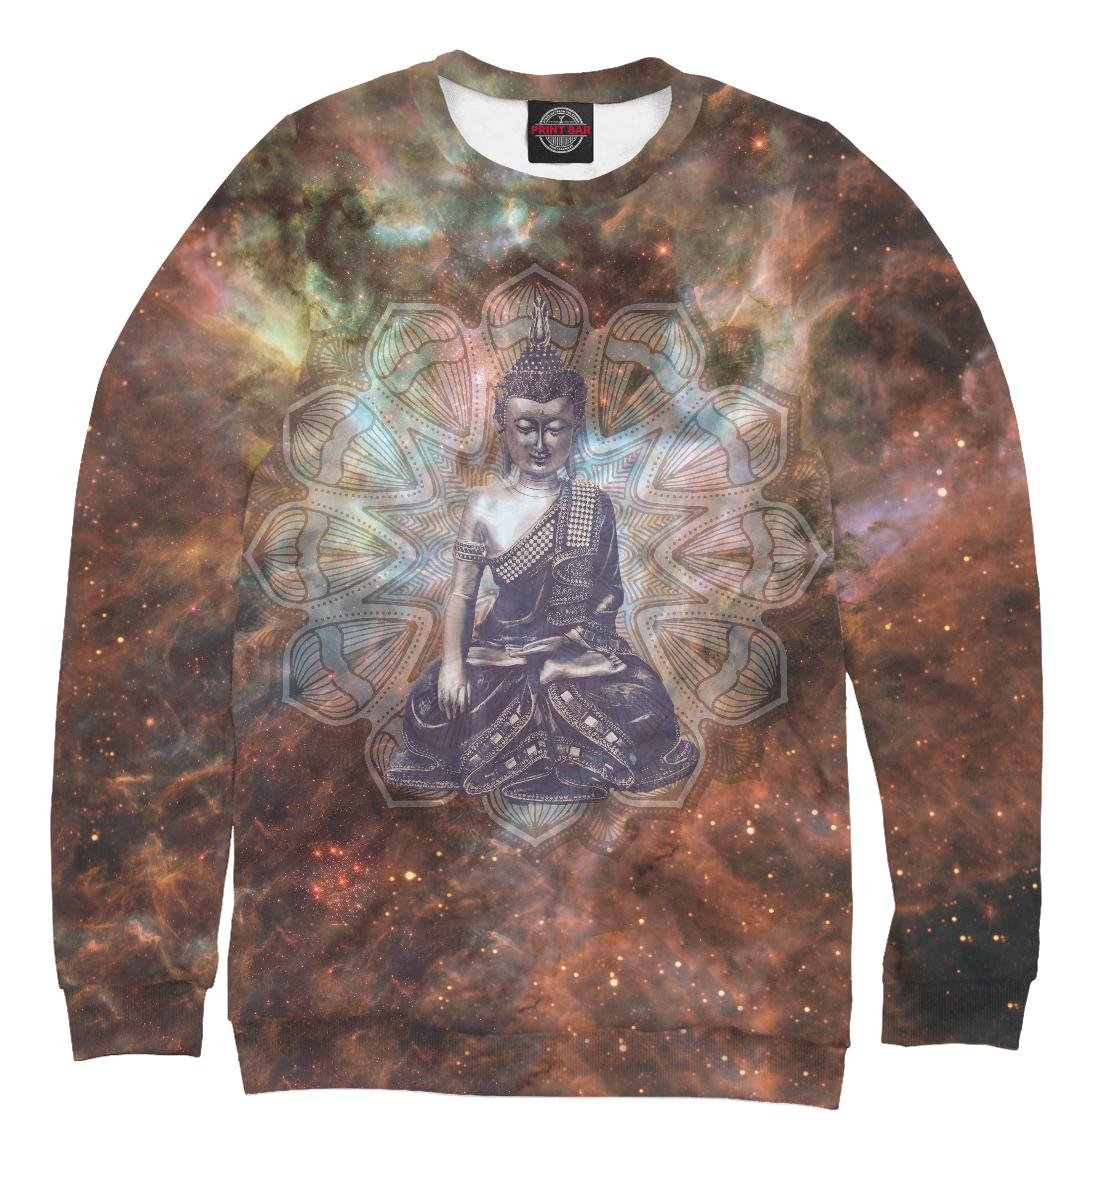 Купить Будда, Printbar, Свитшоты, PSY-481981-swi-1